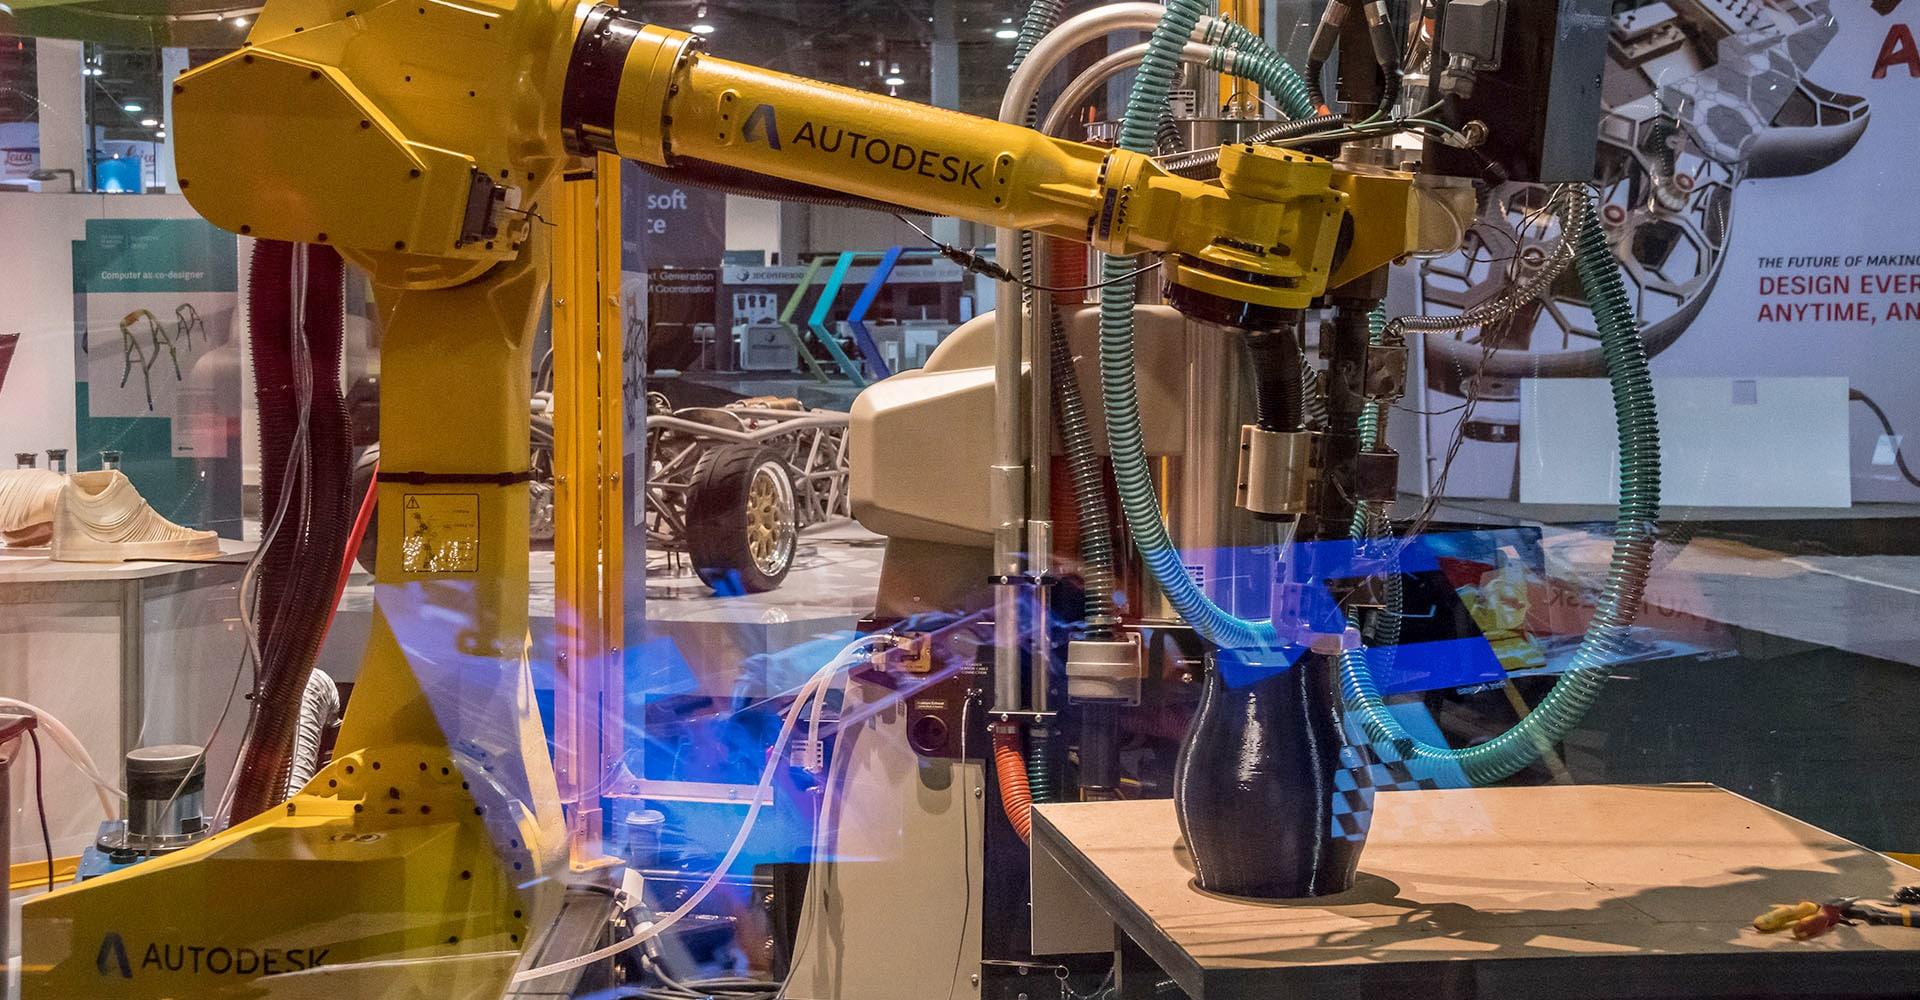 Die additive Herstellung ist die Zukunft der Fertigungsindustrie